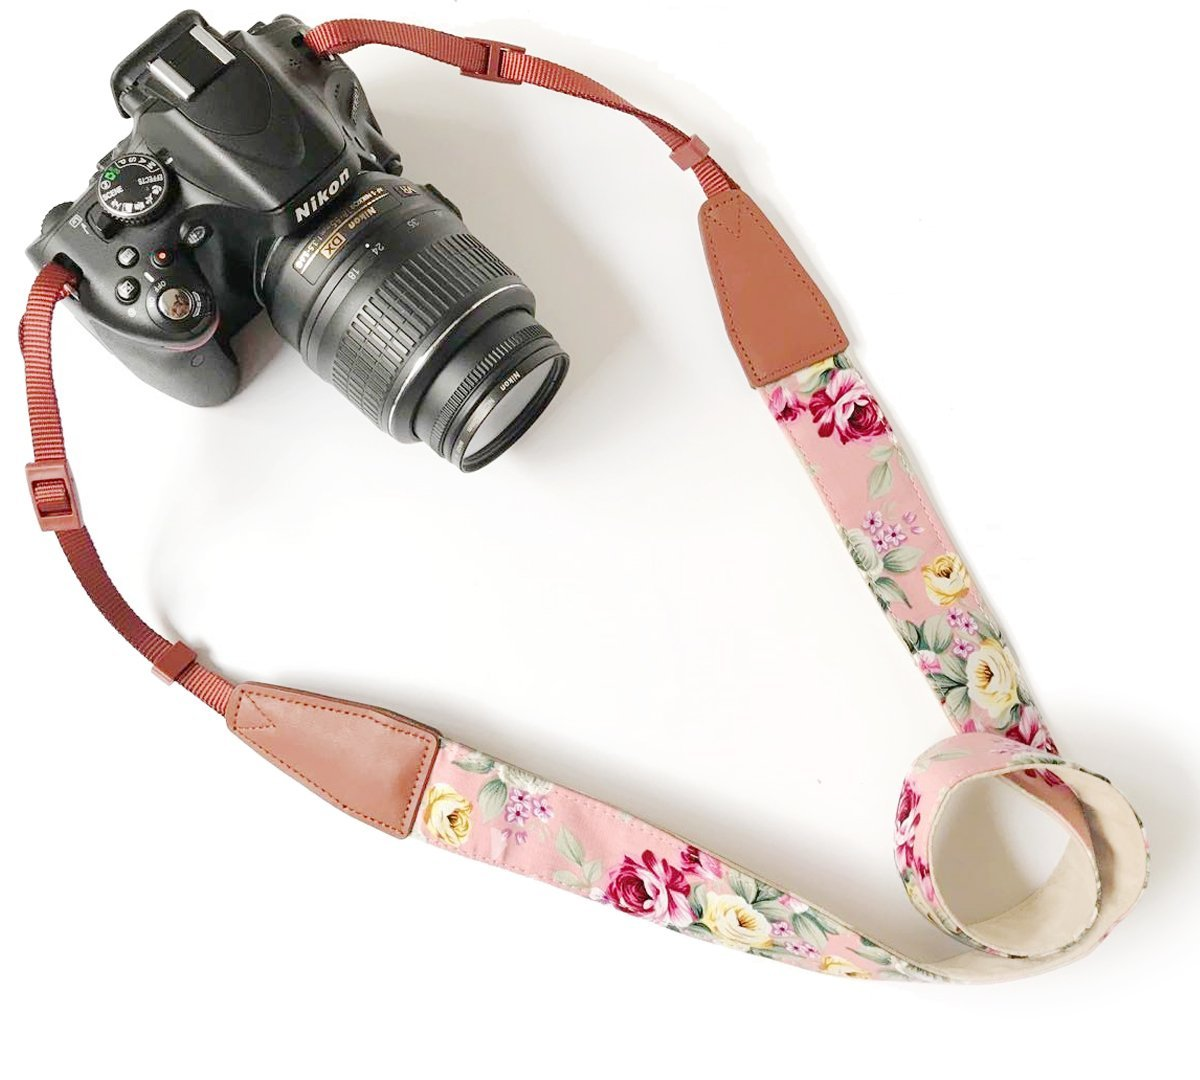 Camera Neck Shoulder Belt Strap,Alled Leather Vintage Print Soft Camera Straps for Women /Men for DSLR / SLR / Nikon / Canon / Sony / Olympus / Samsung / Pentax